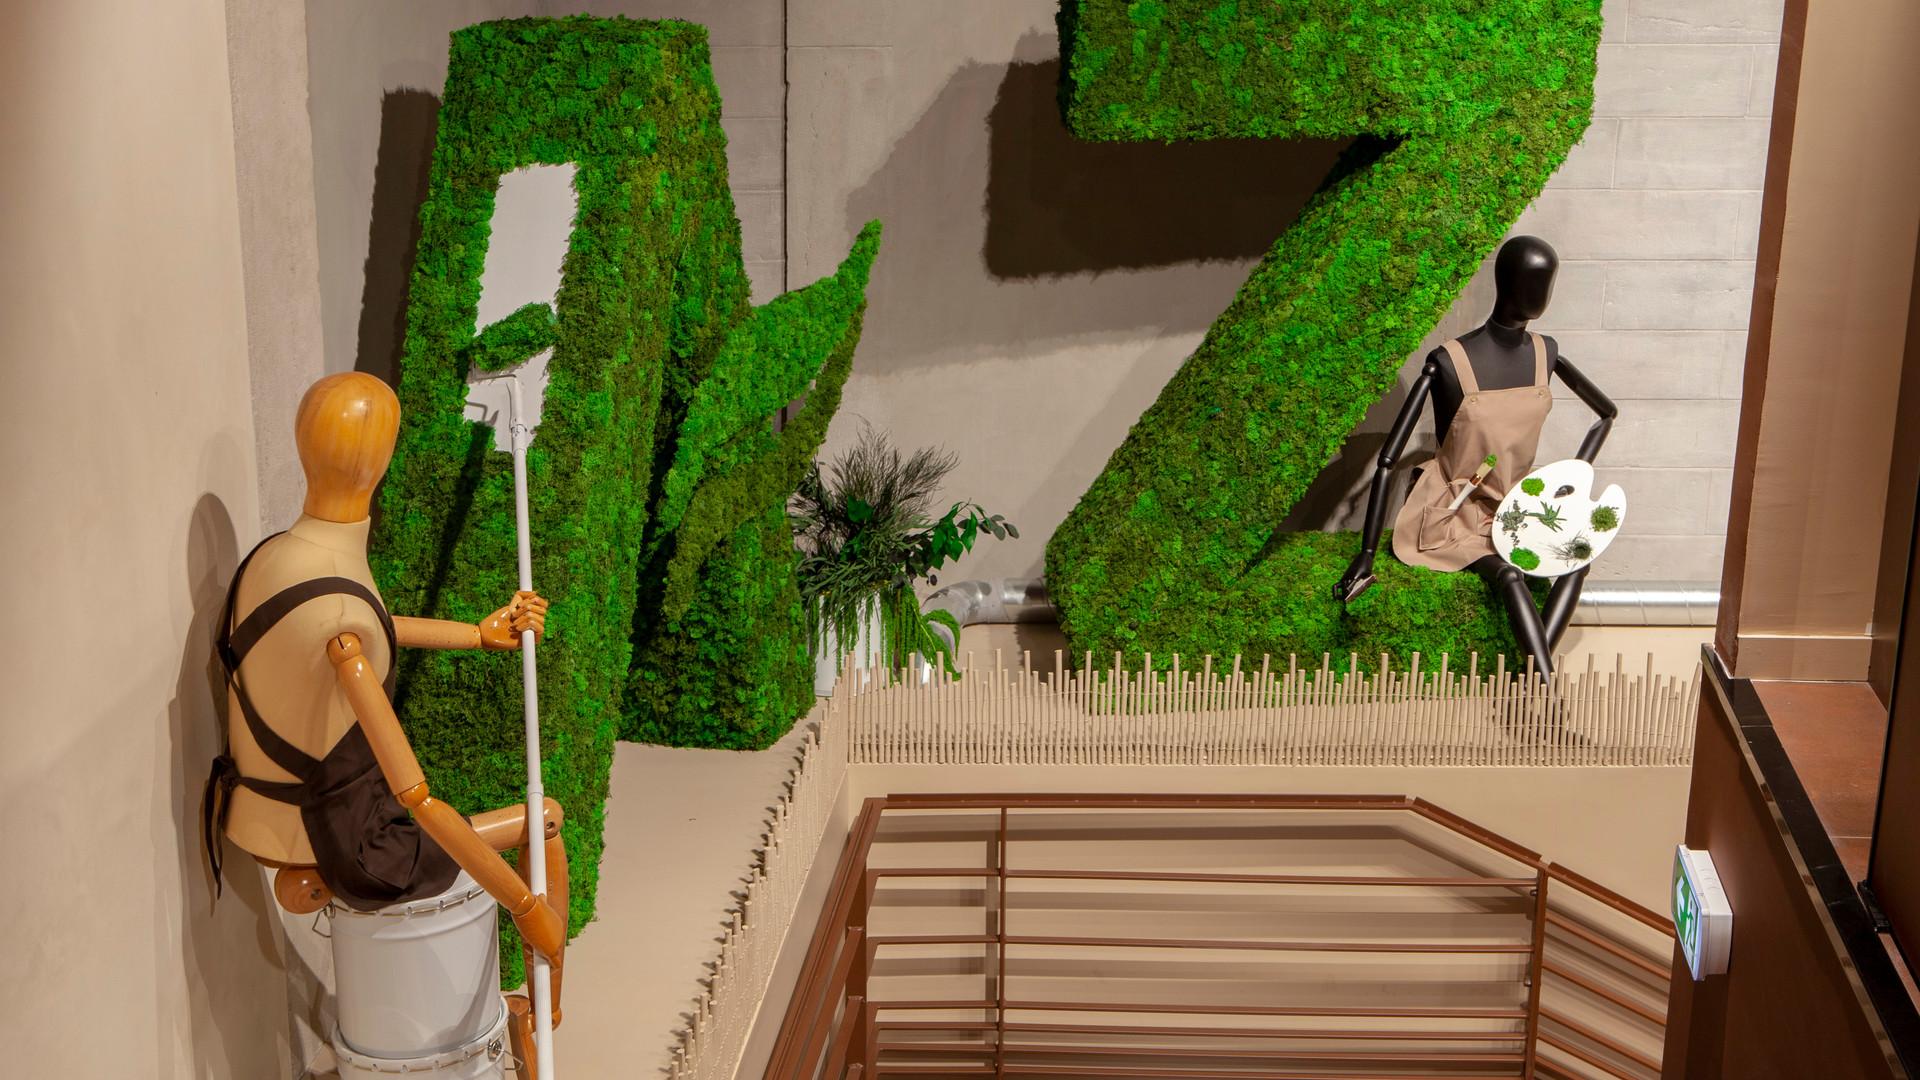 Enseigne végétale théatralisation de marque magasin cosmetiques bio AROMA ZONE LYON